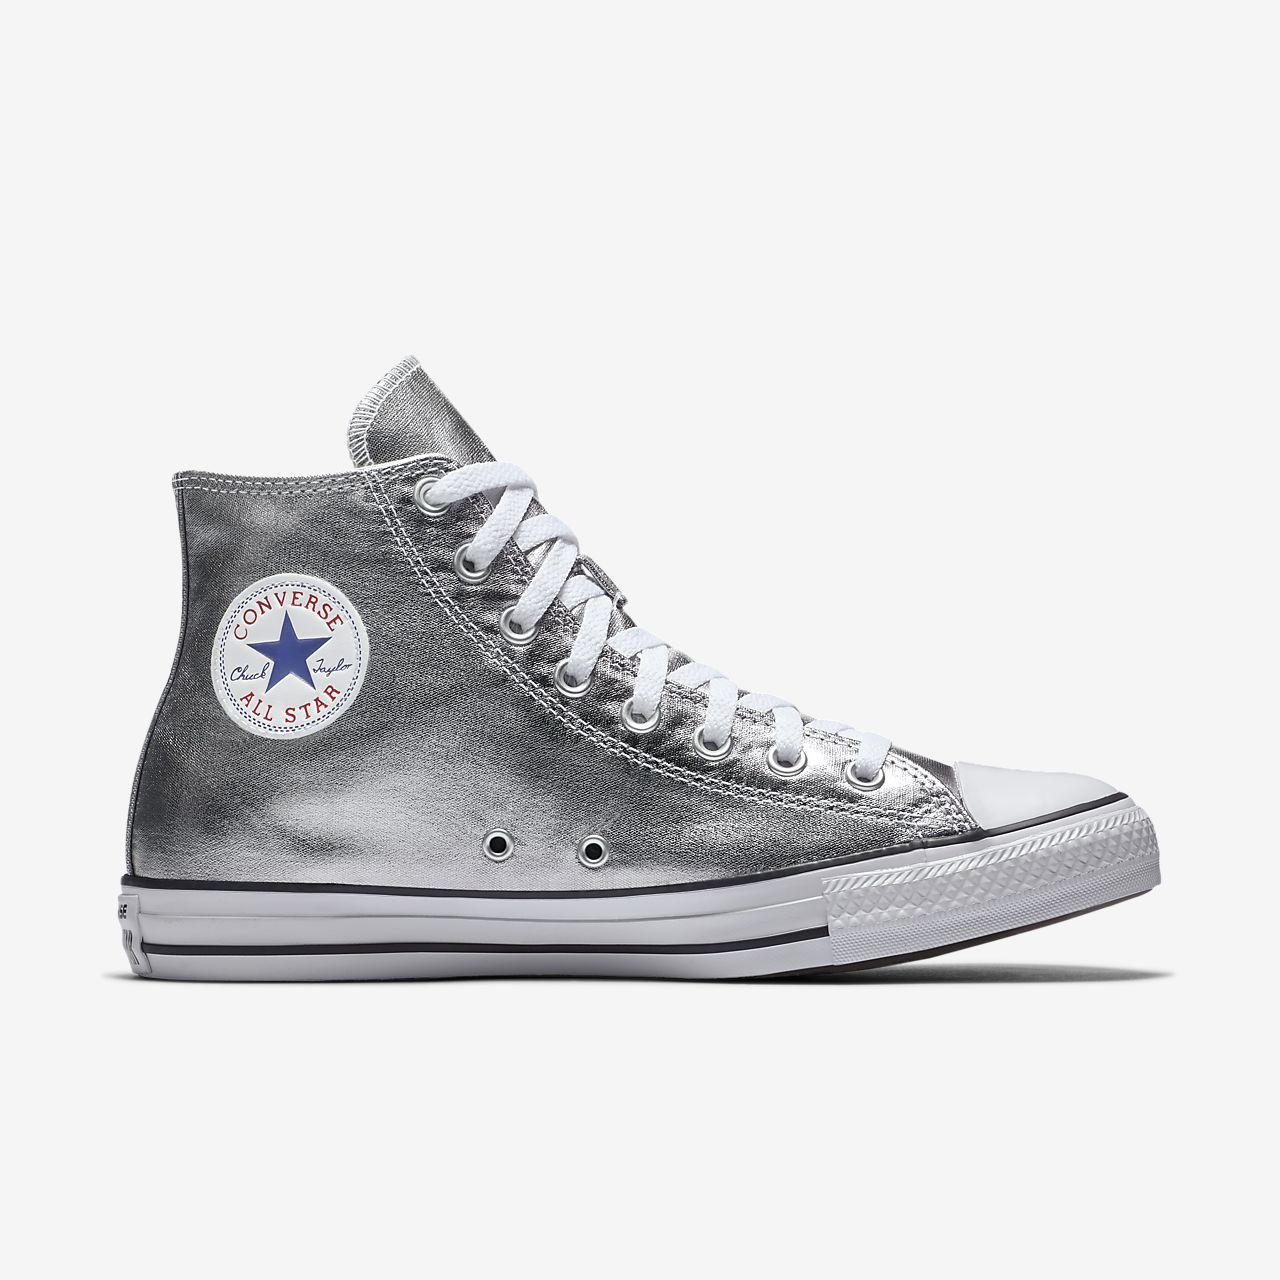 Converse ChuckTaylor All Star metallico